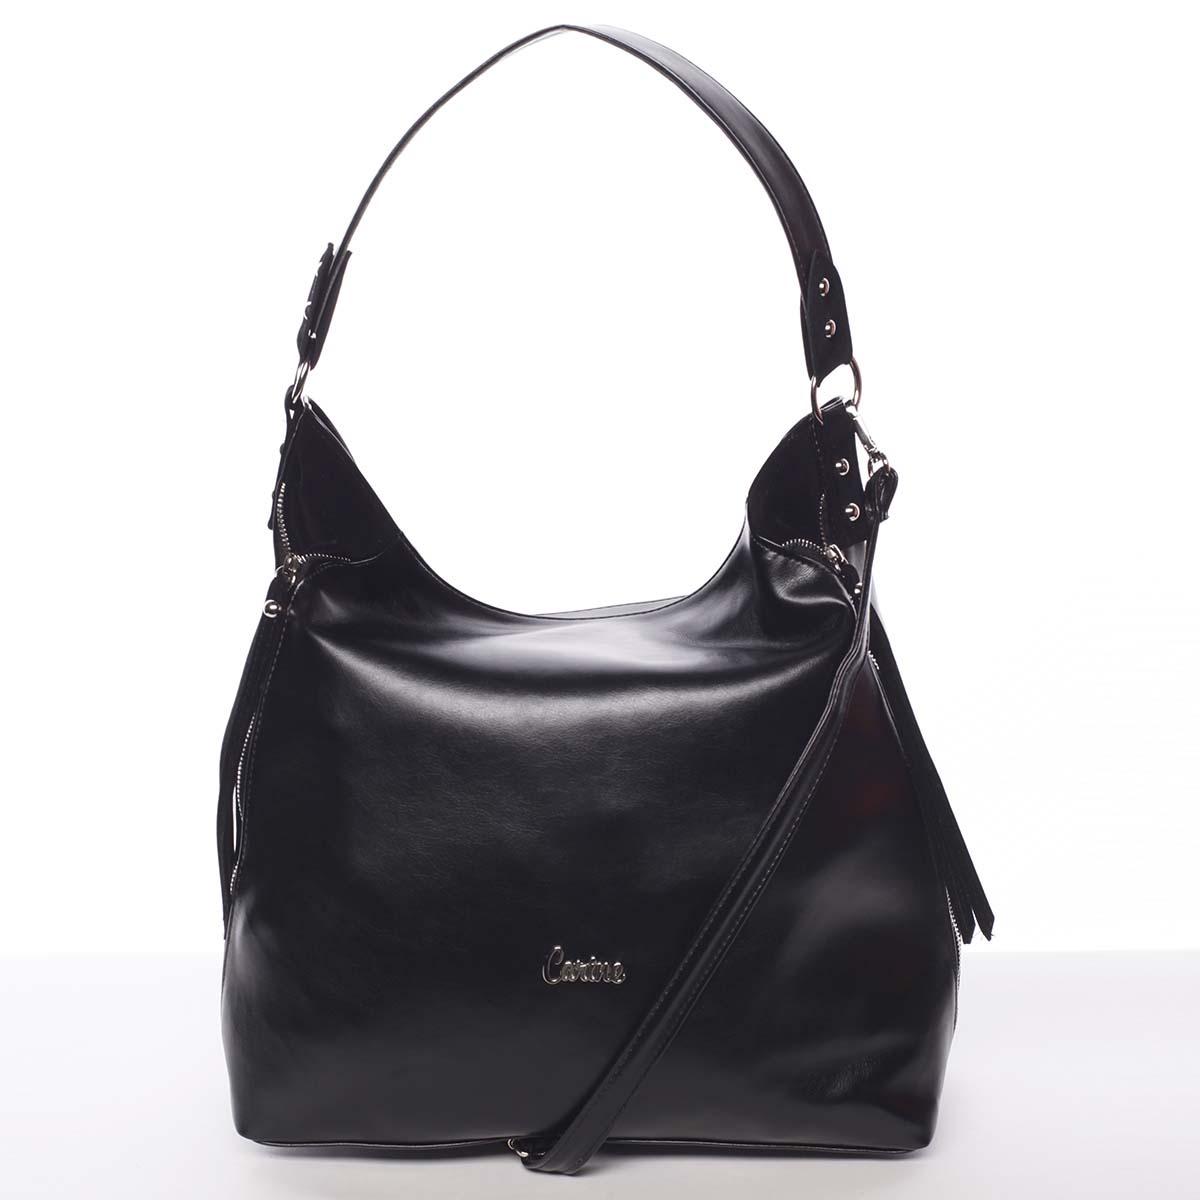 Exkluzivní velká měkká černá kabelka - Carine Tamika